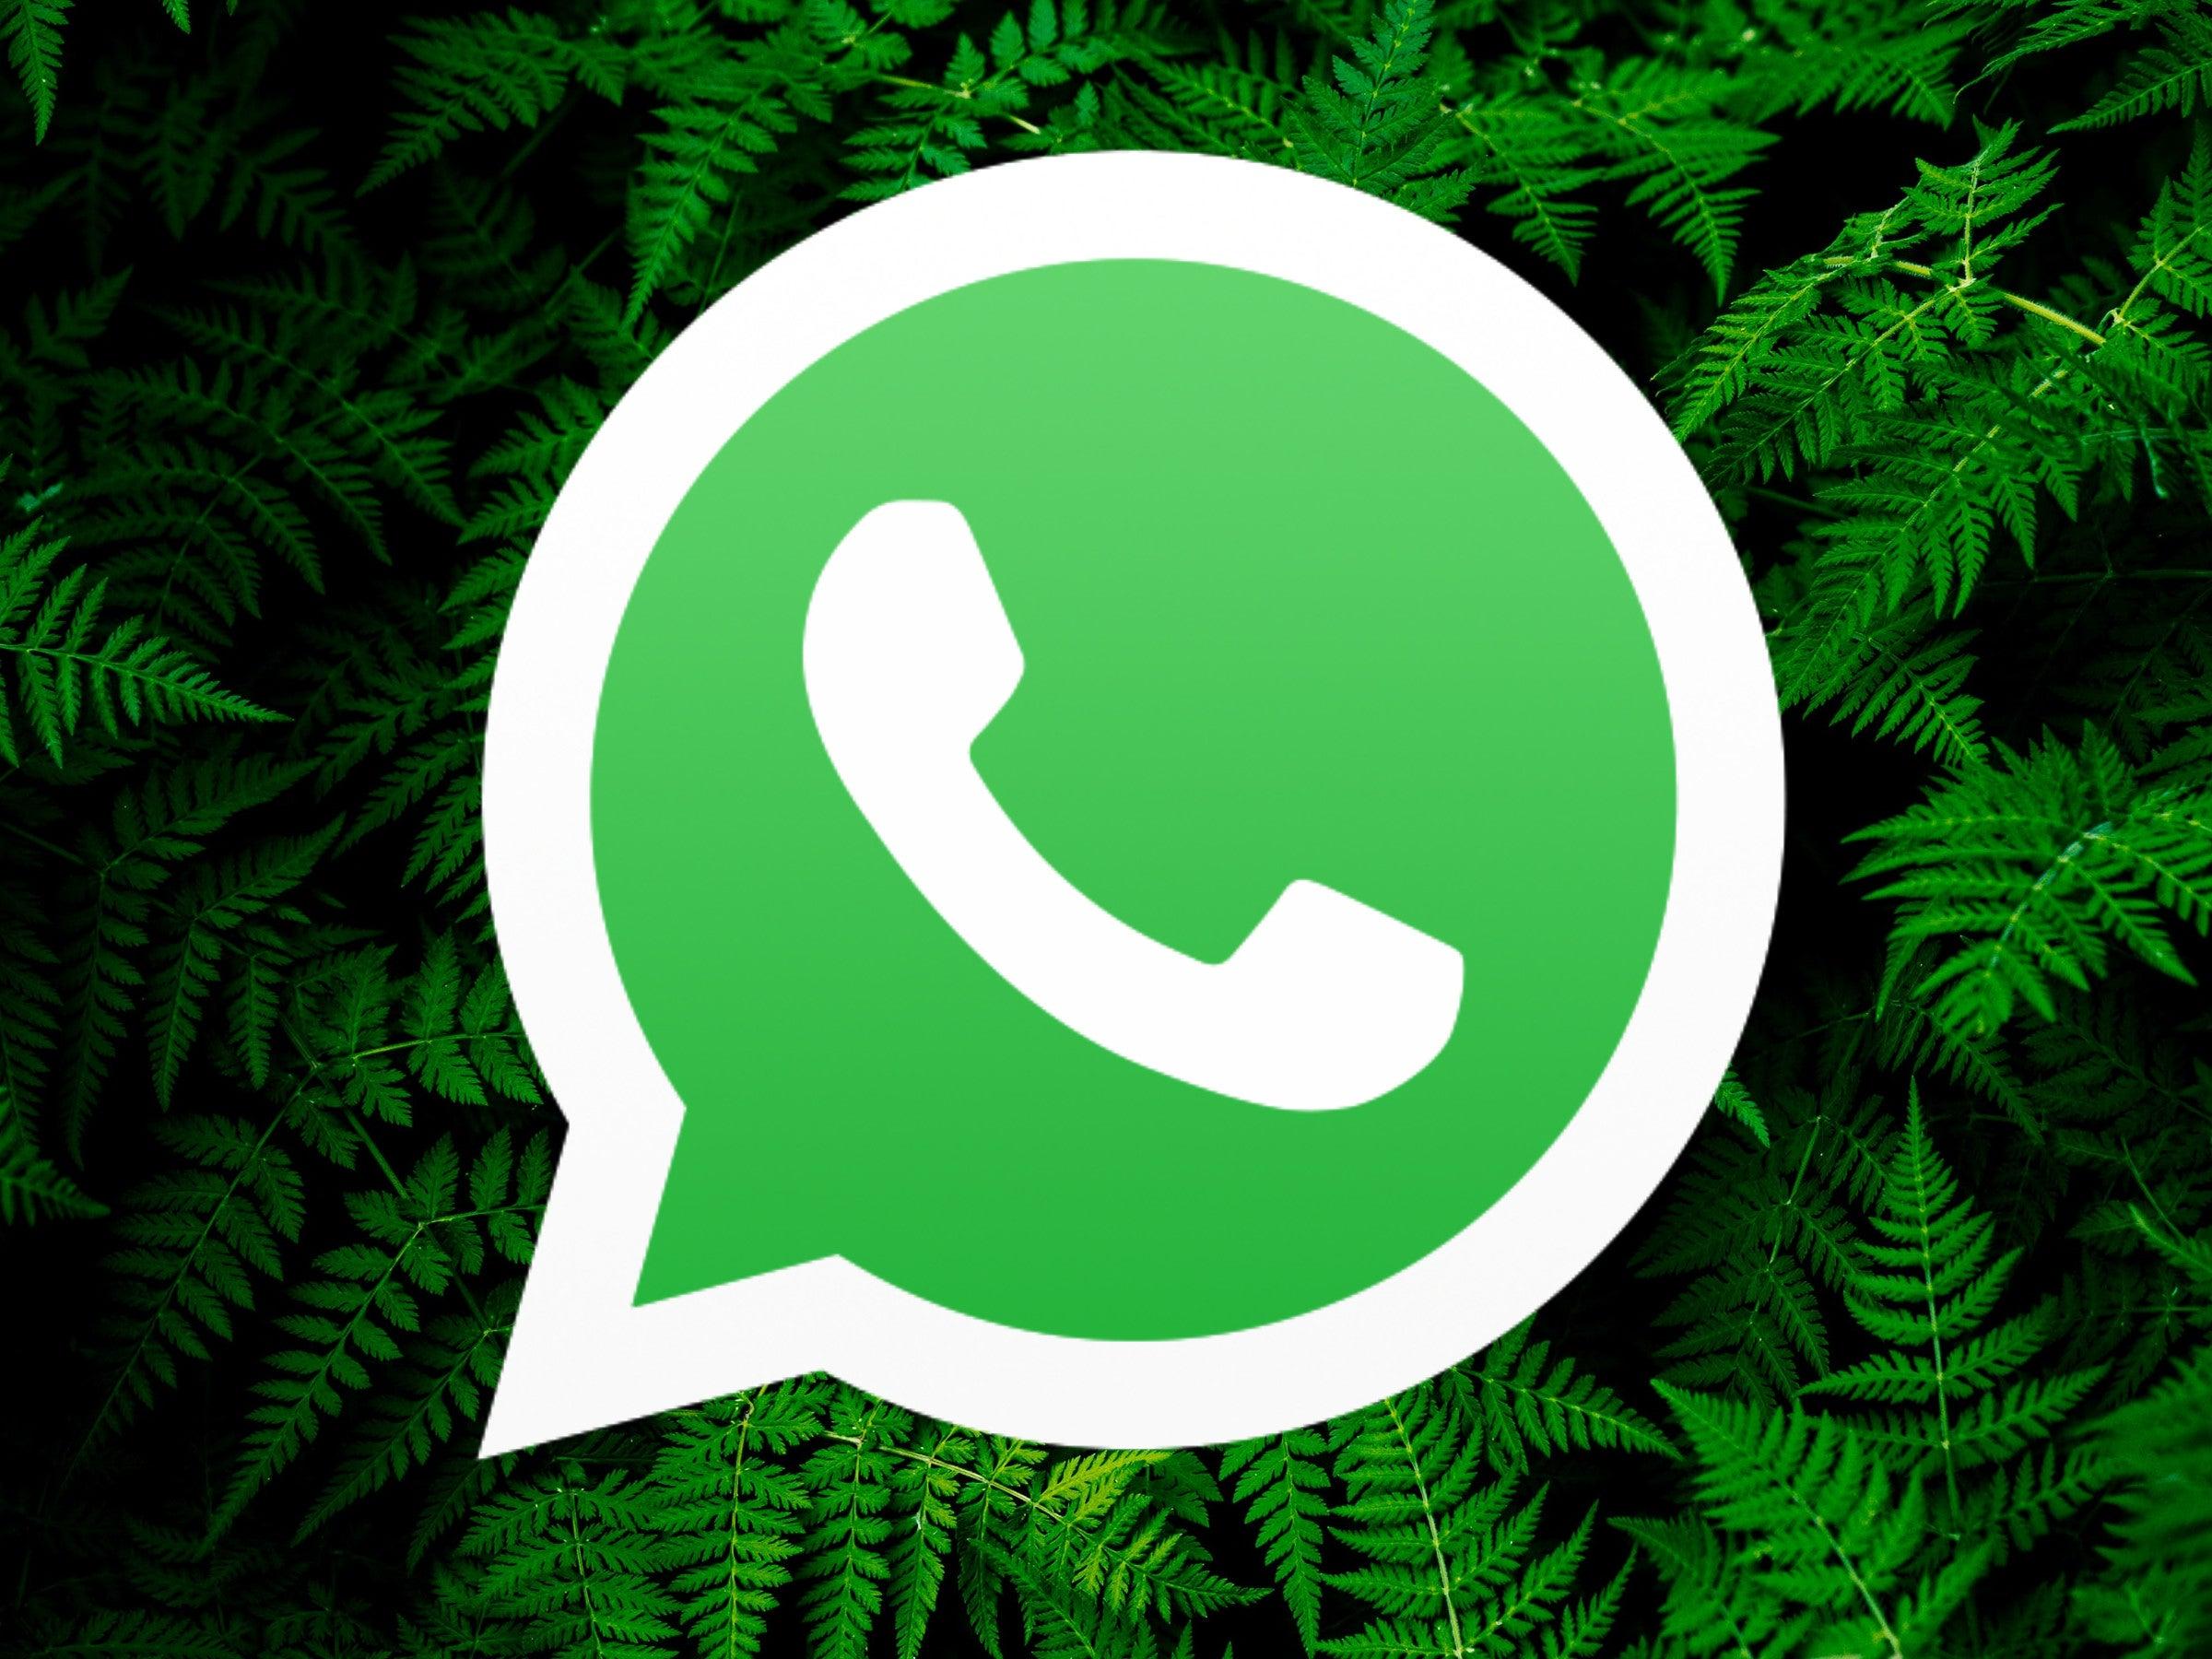 WhatsApp: Diese neue Funktion wird dir viele Peinlichkeiten ersparen - inside digital